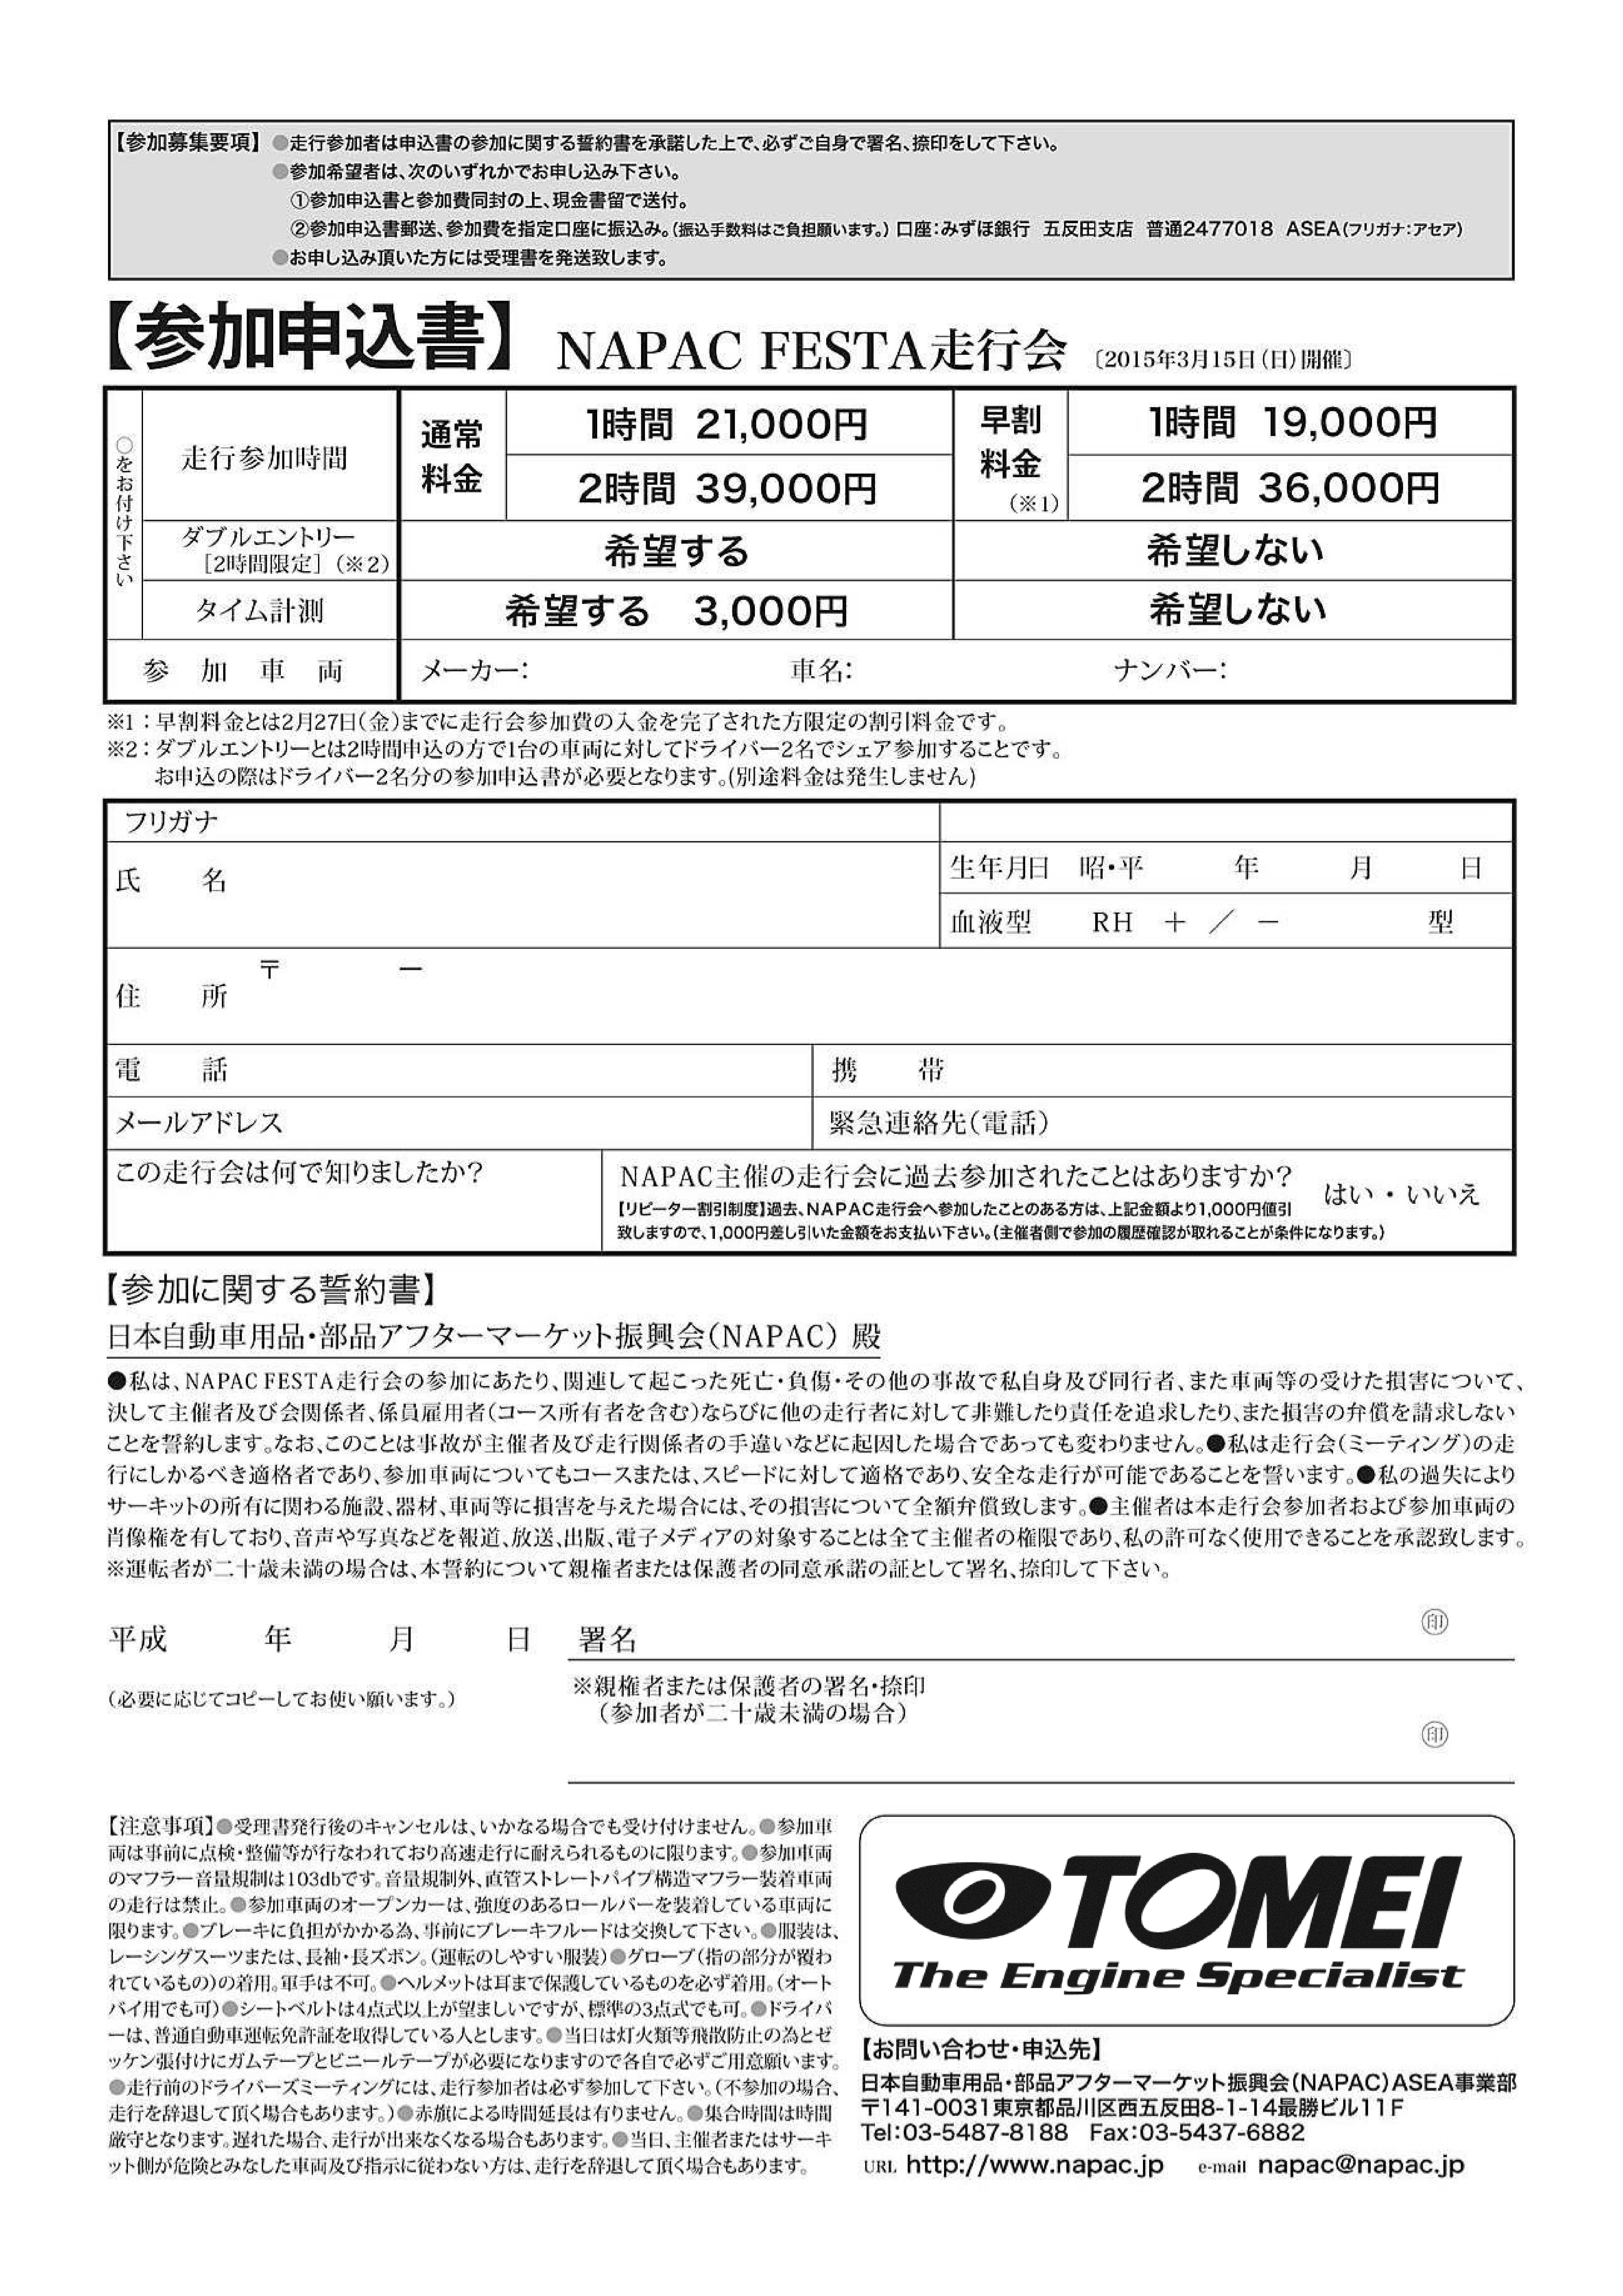 fujifes_form